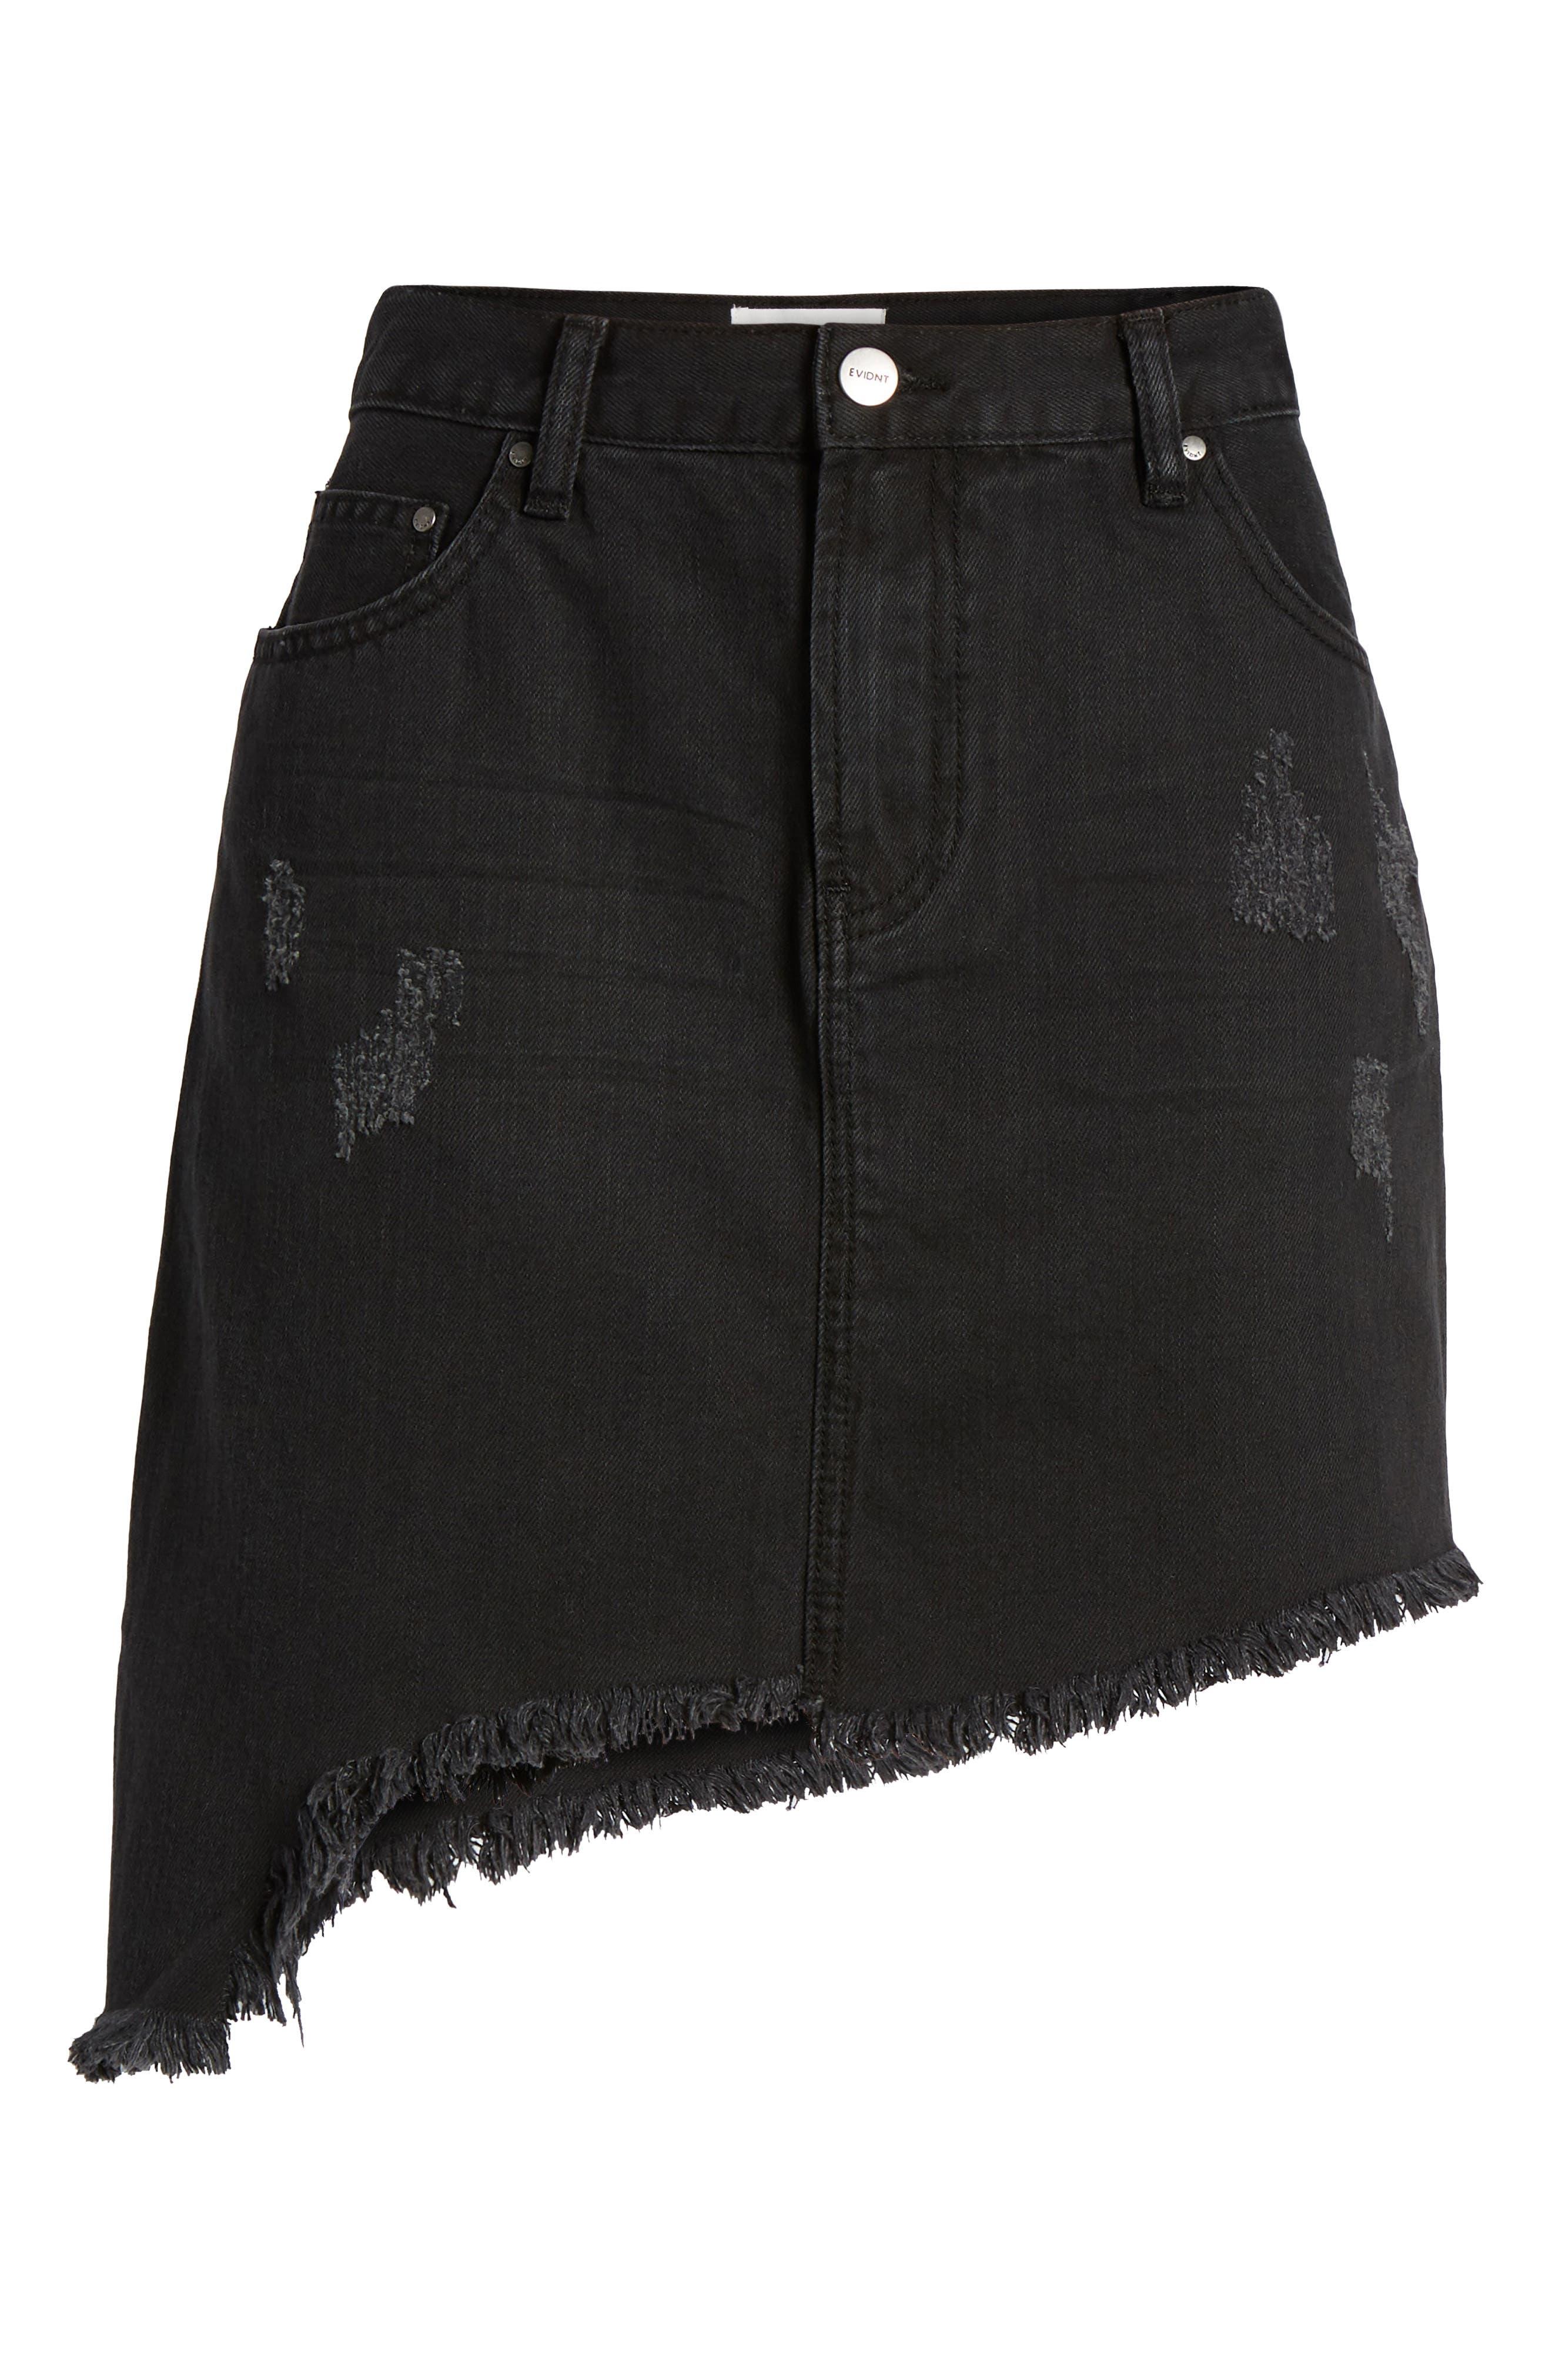 EVDNT Modena Asymmetrical Denim Skirt,                             Alternate thumbnail 7, color,                             Black Sheep